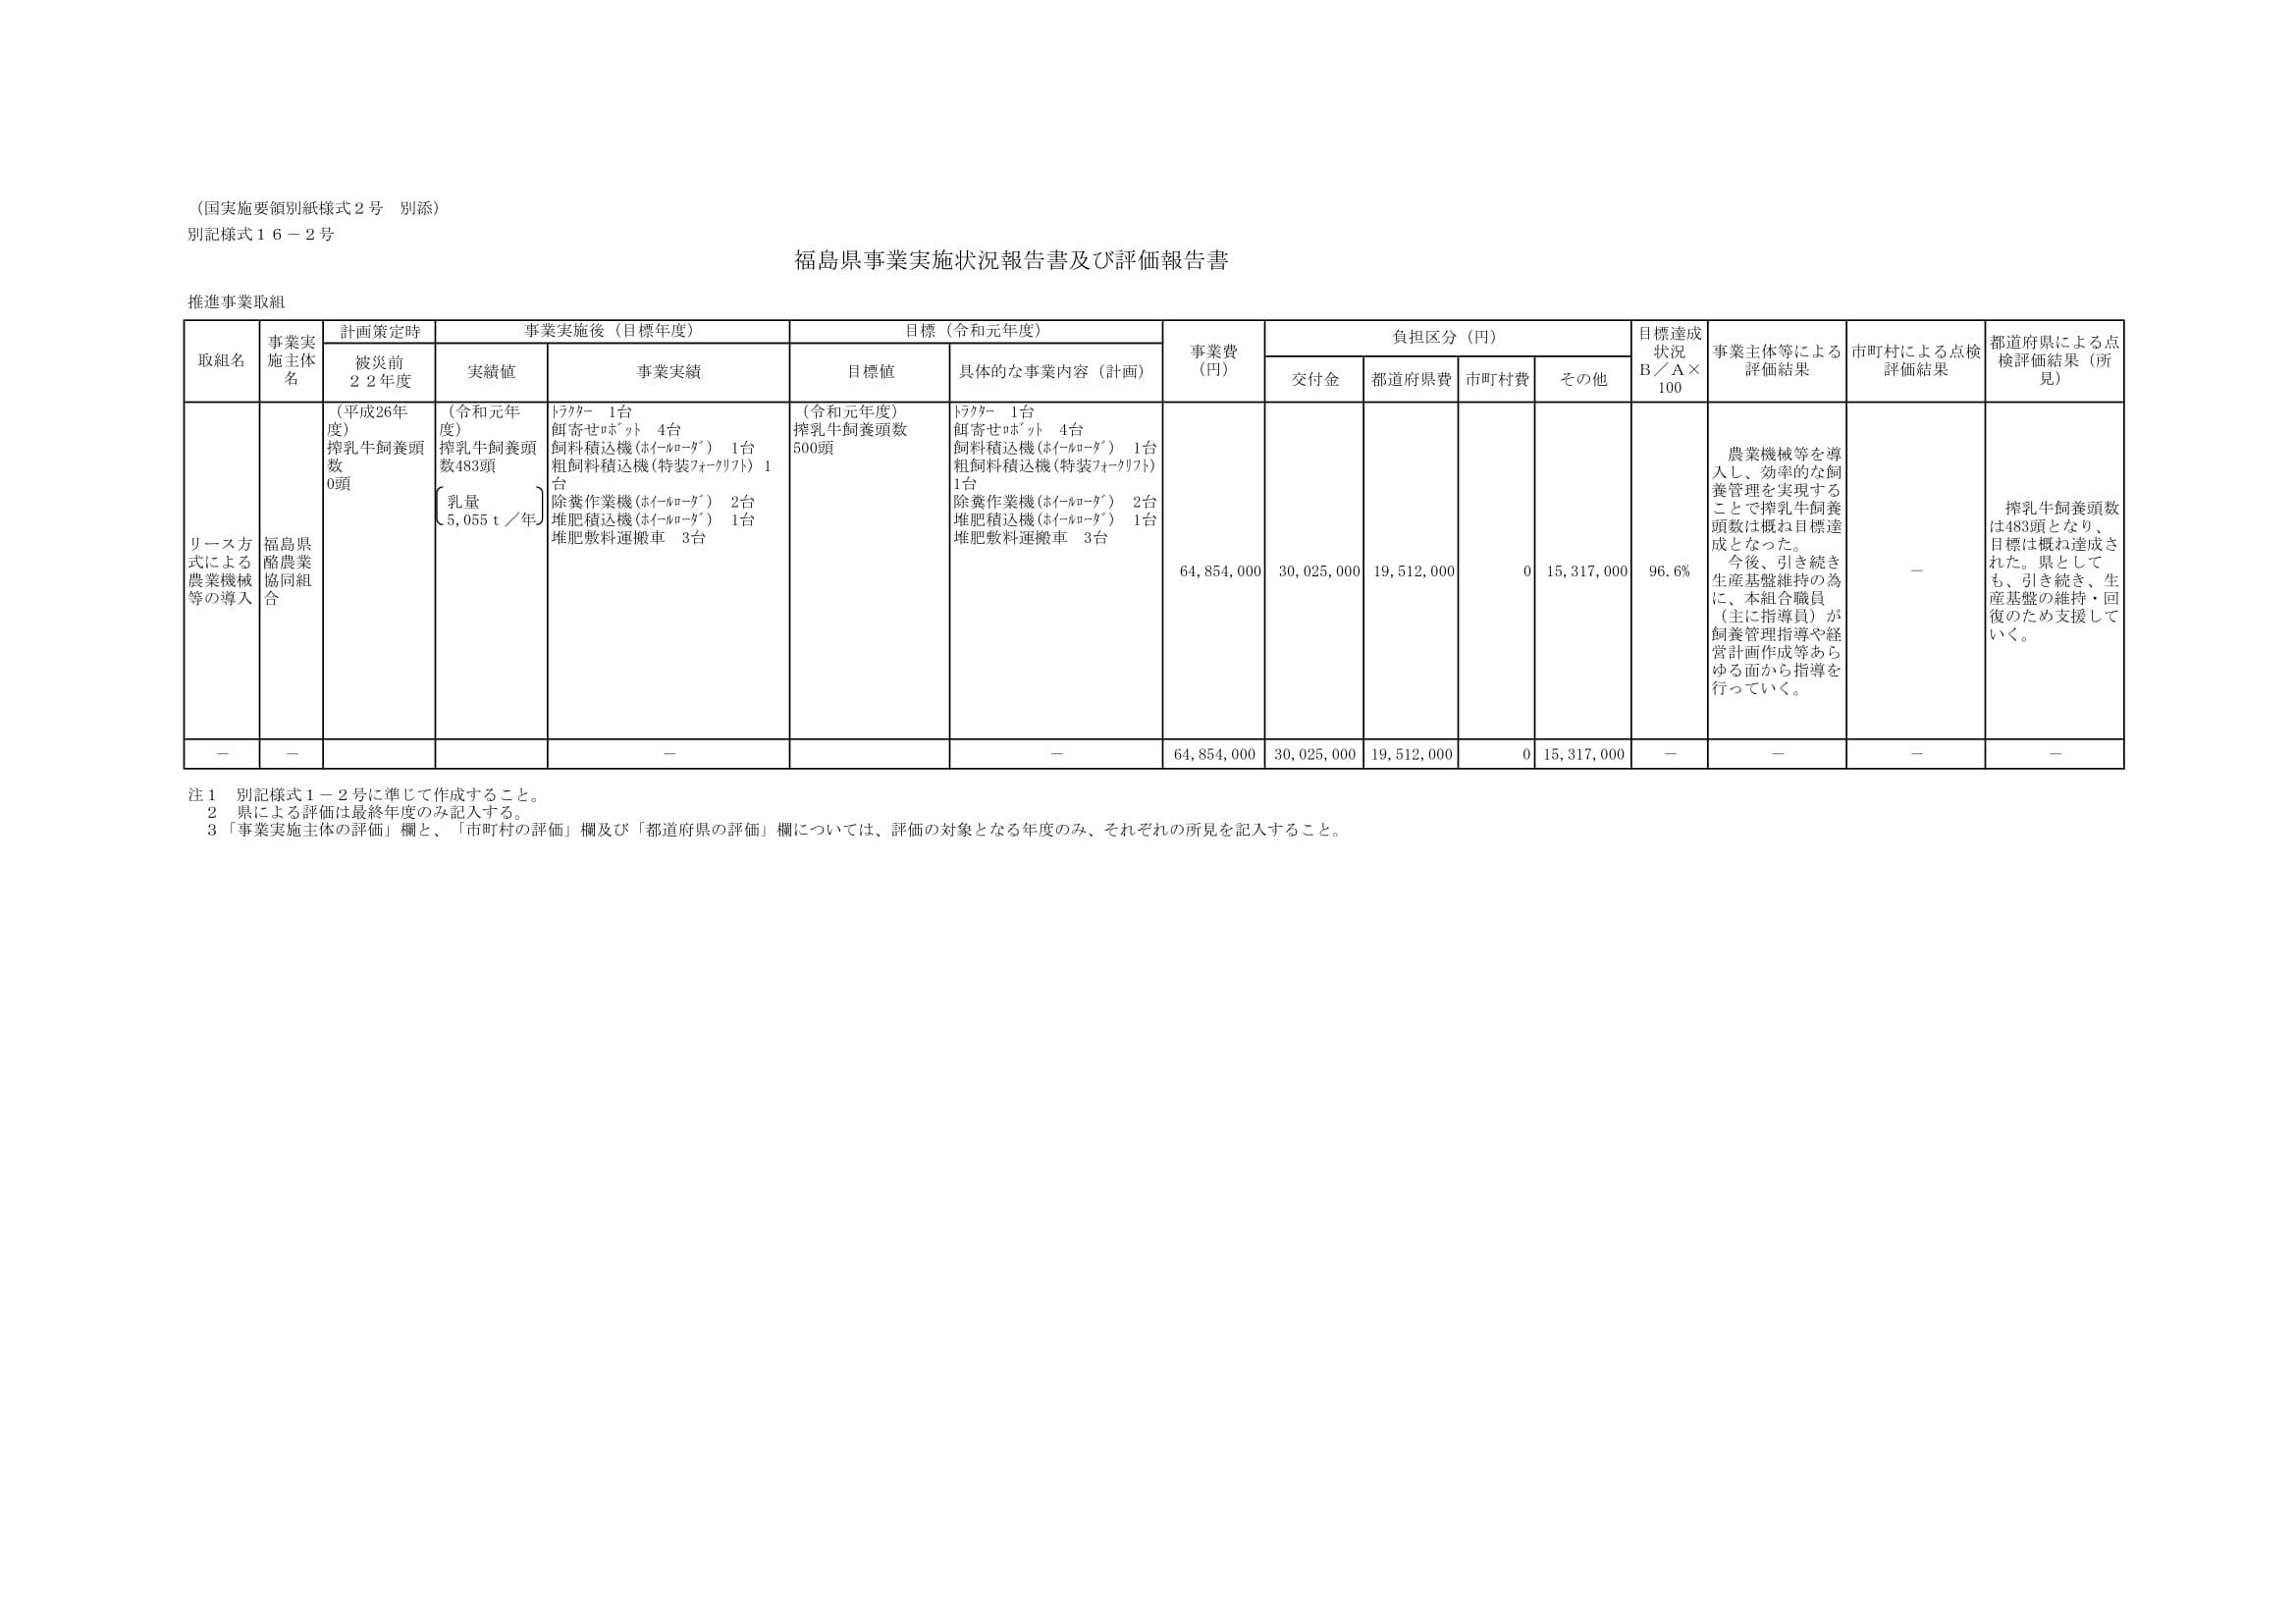 コピー【酪農協】H26リース_事業実施状況報告&対策の評価(別記様式16号)-1